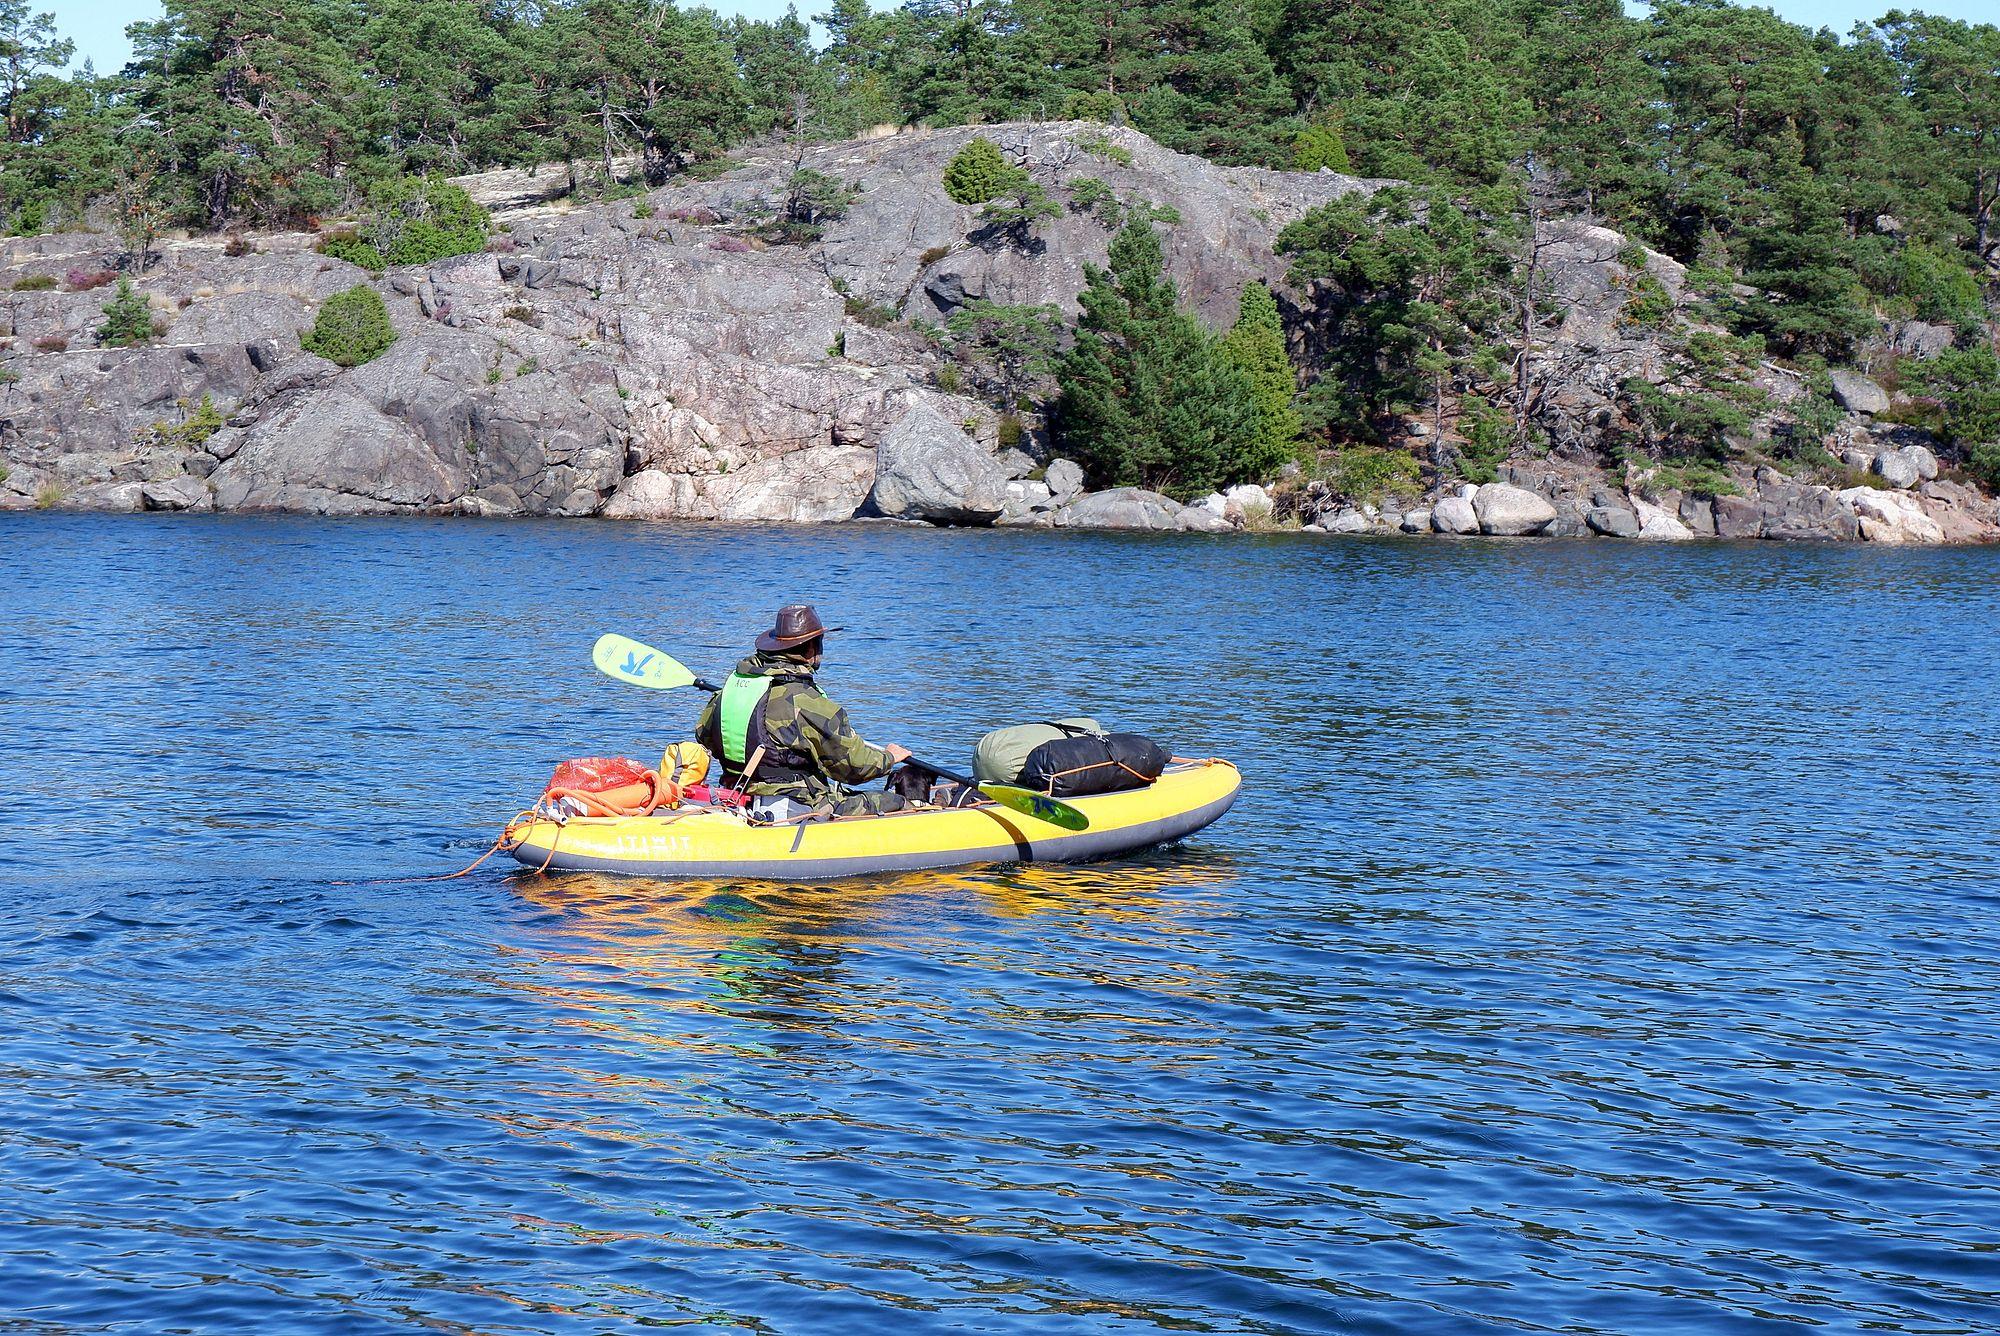 Un homme sur un kayak gonflable jaune avec plein de sacs et un chien allongé